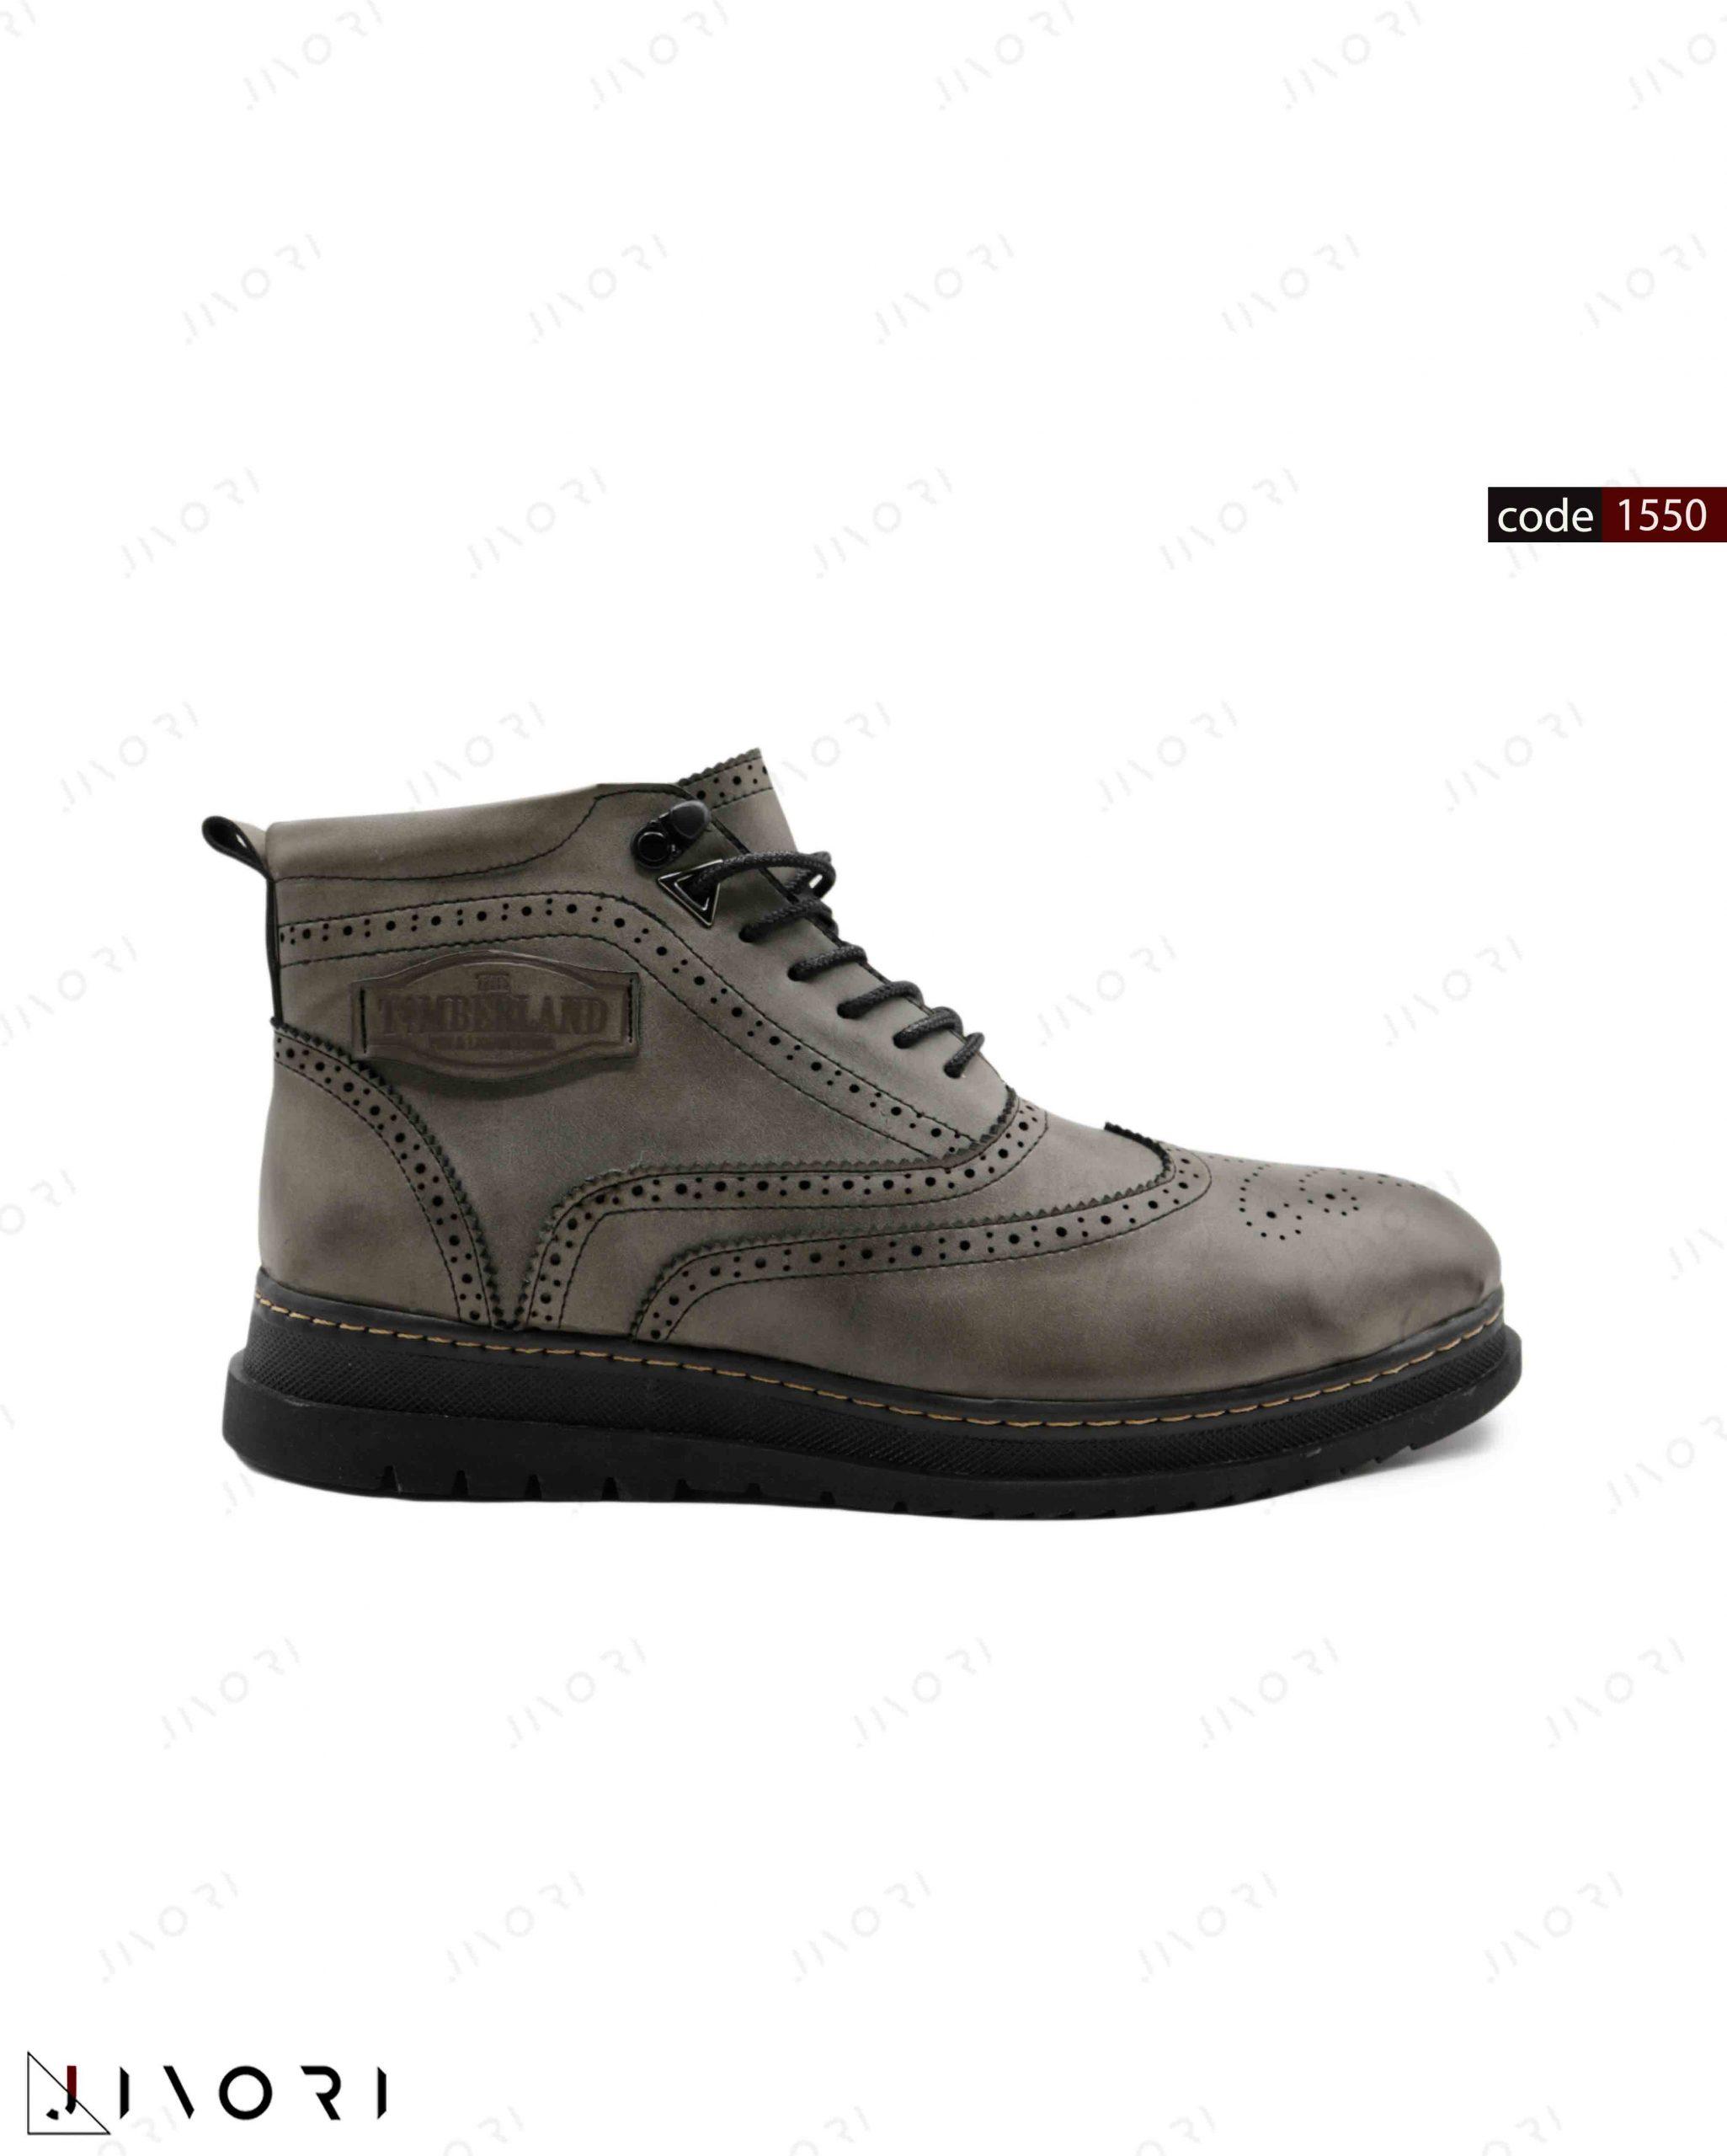 کفش مردانه تیم برلند (1550)